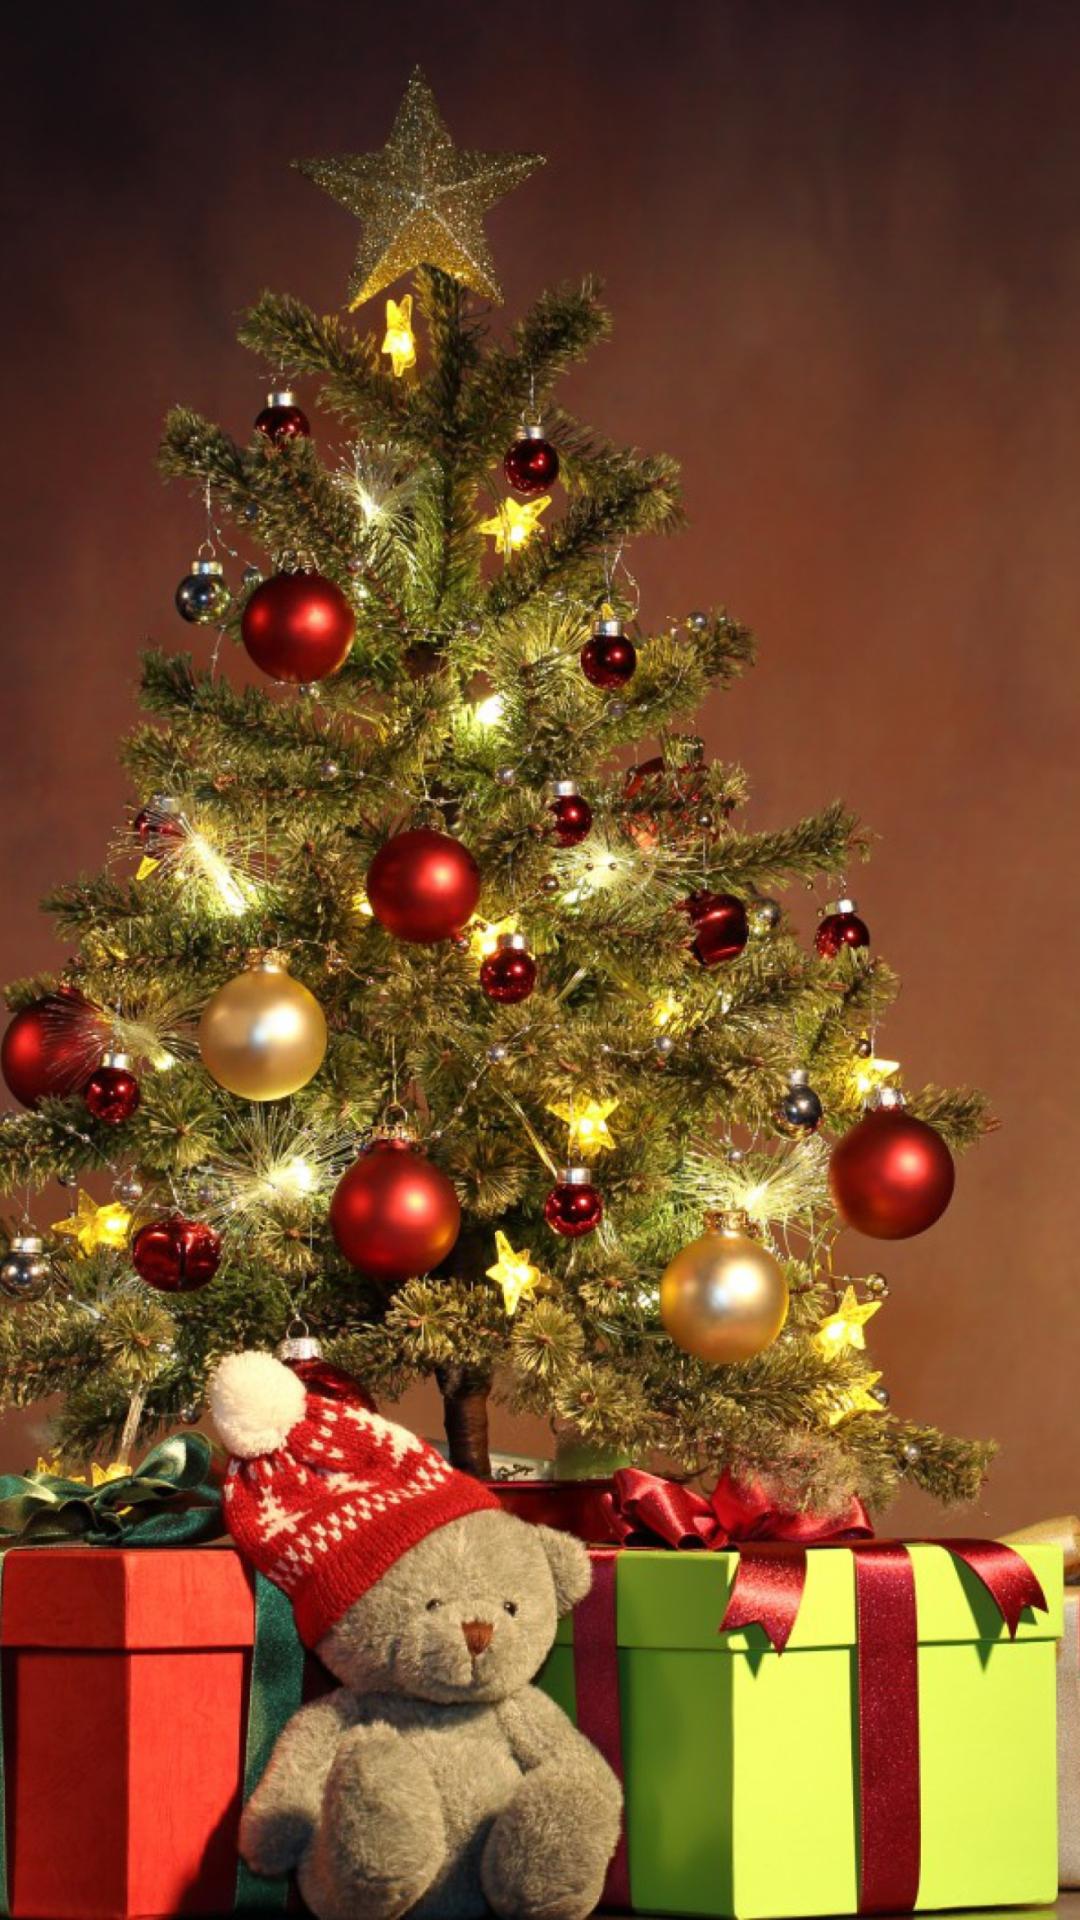 как правильно фото елки новогодней на телефон гиппопотамов это результат